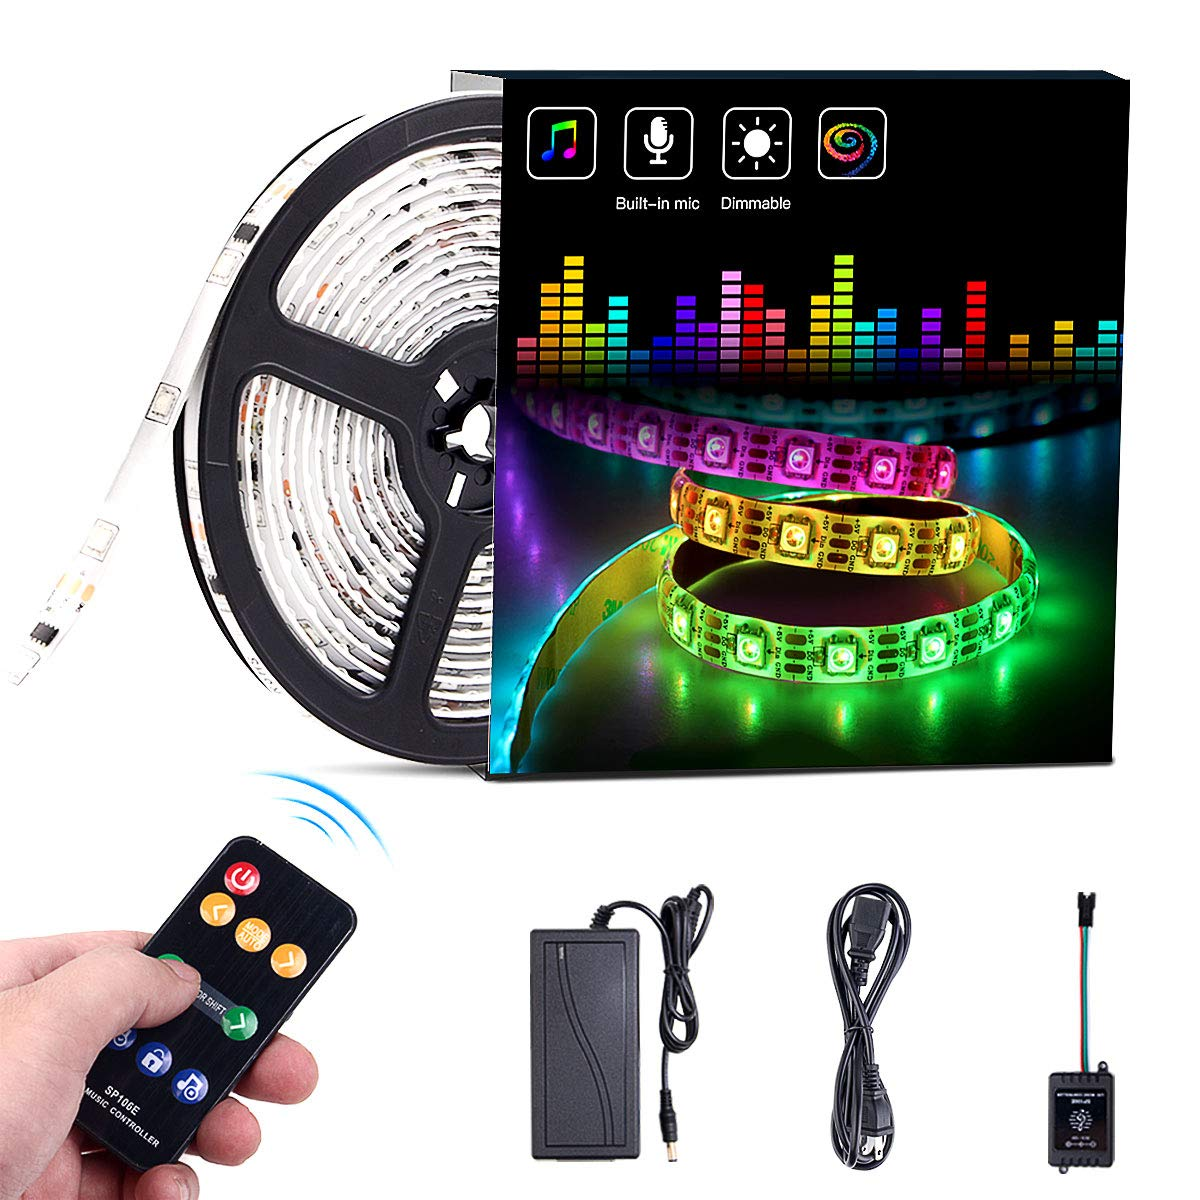 ELlight Dream Color Music LED Strip Lights, 5050 12V 150 LED Built-in IC